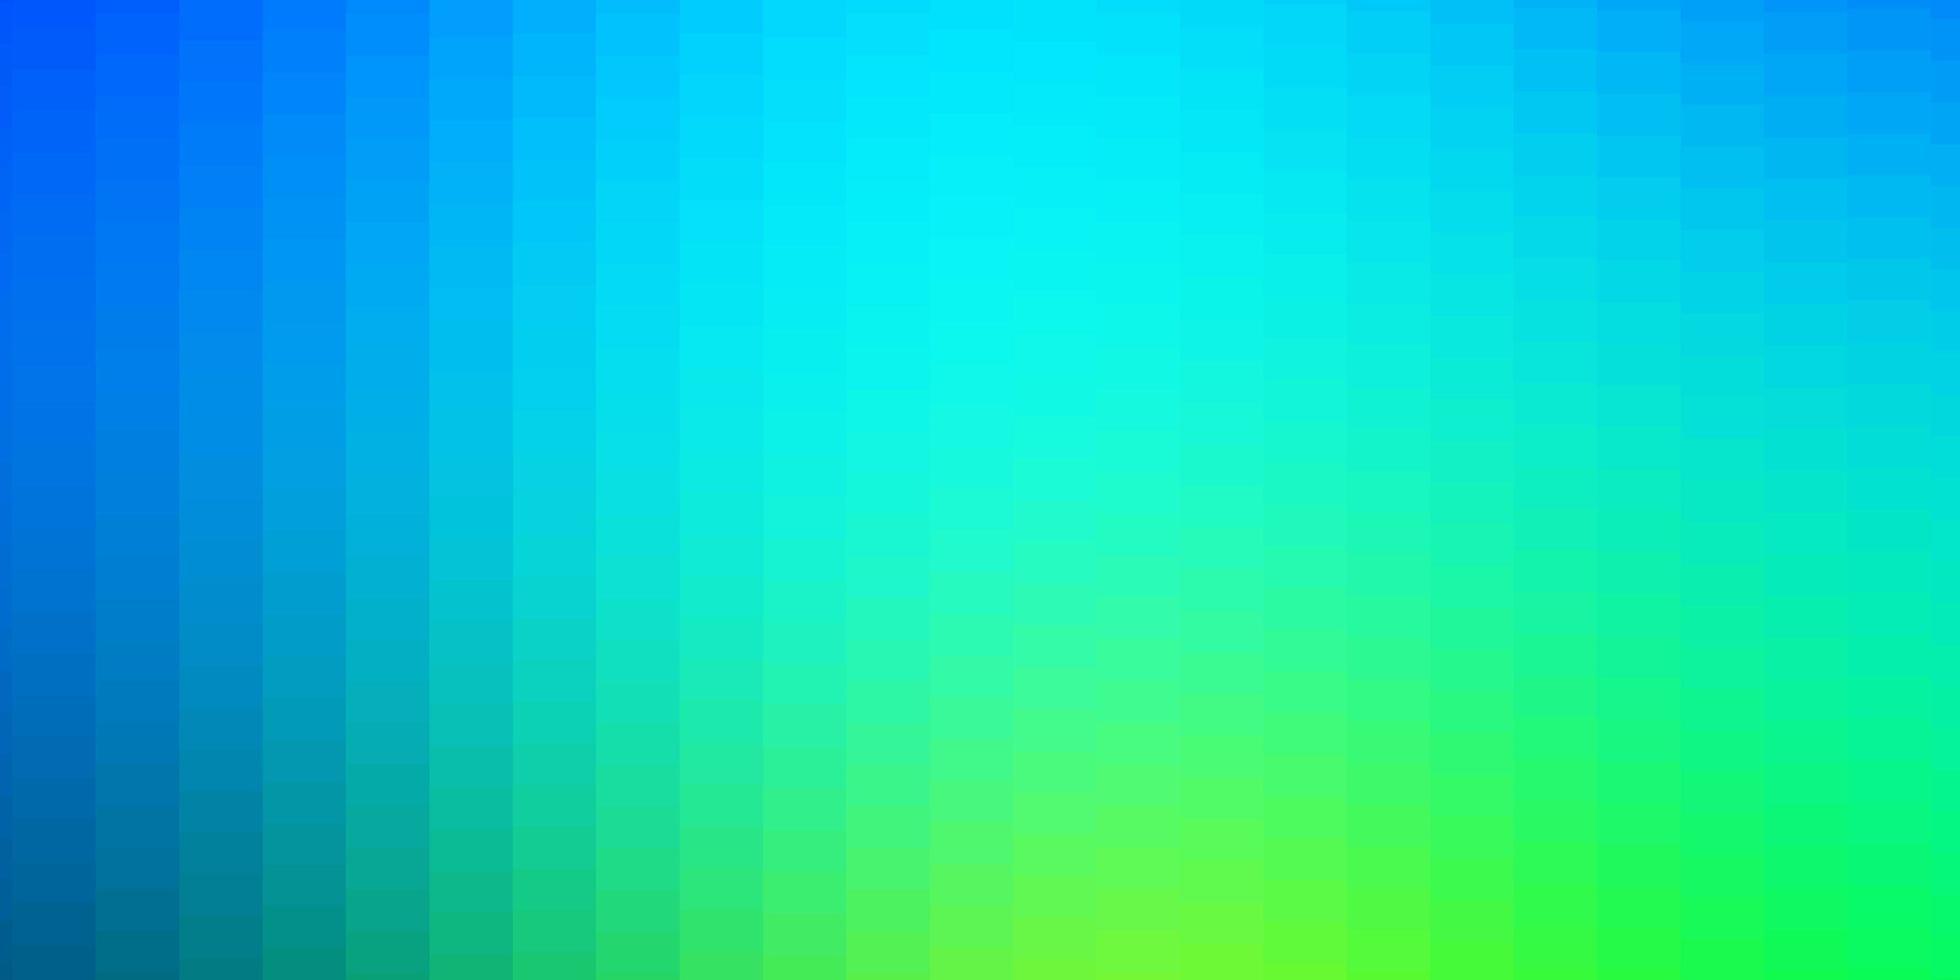 lichtblauw, groen vectorpatroon in vierkante stijl. vector